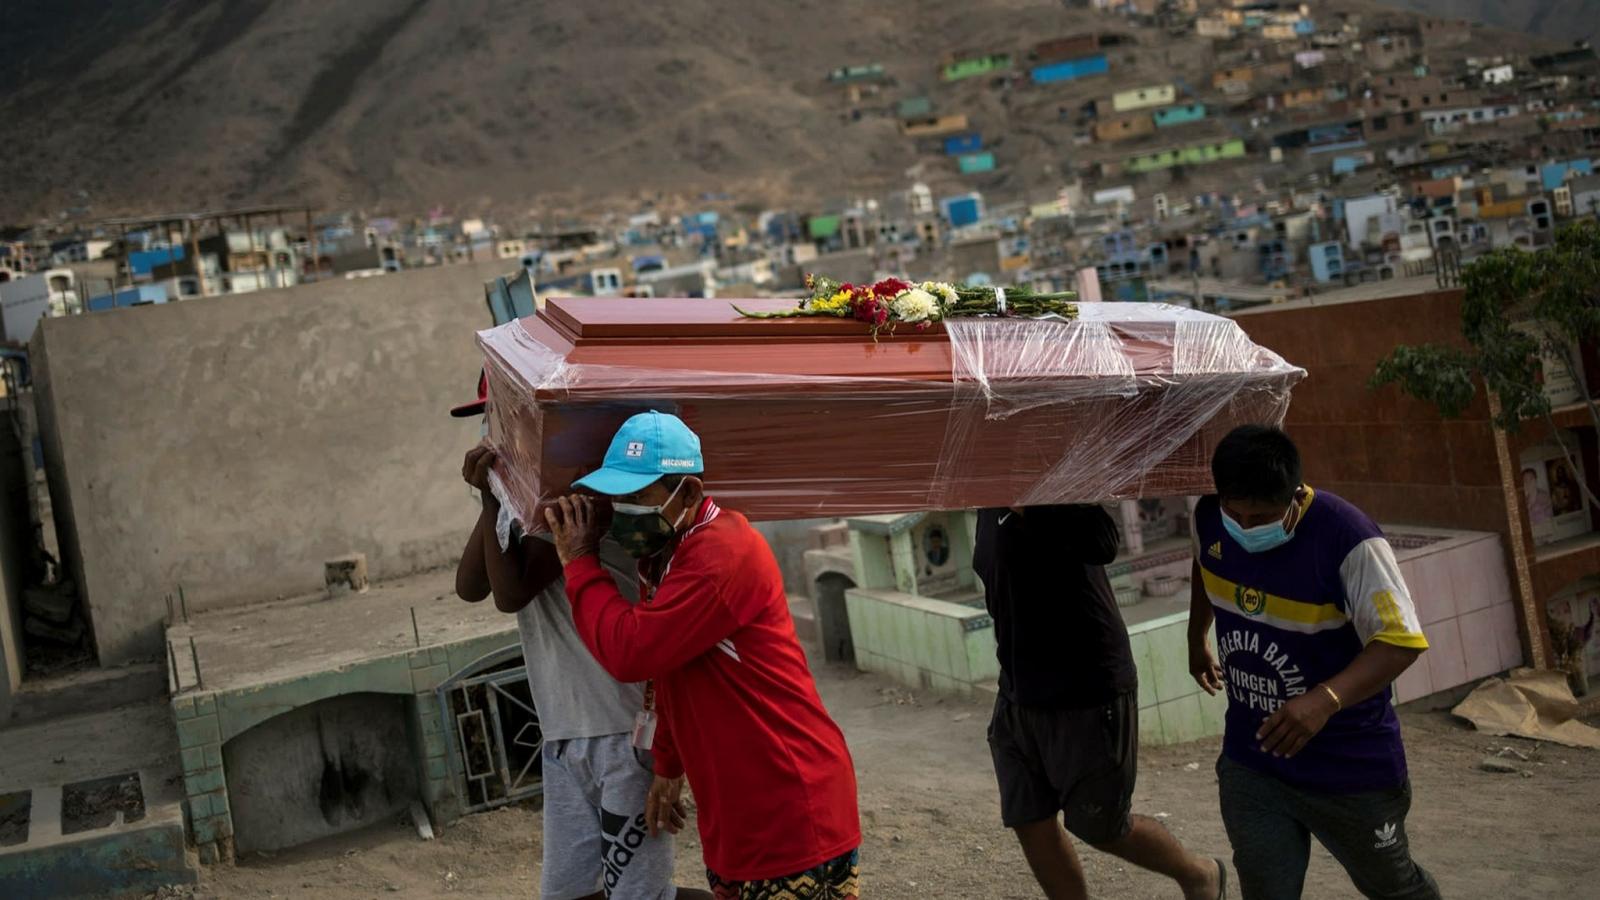 Nguyên nhân khiến Peru trở thành nước có tỷ lệ tử vong do Covid-19 cao nhất thế giới